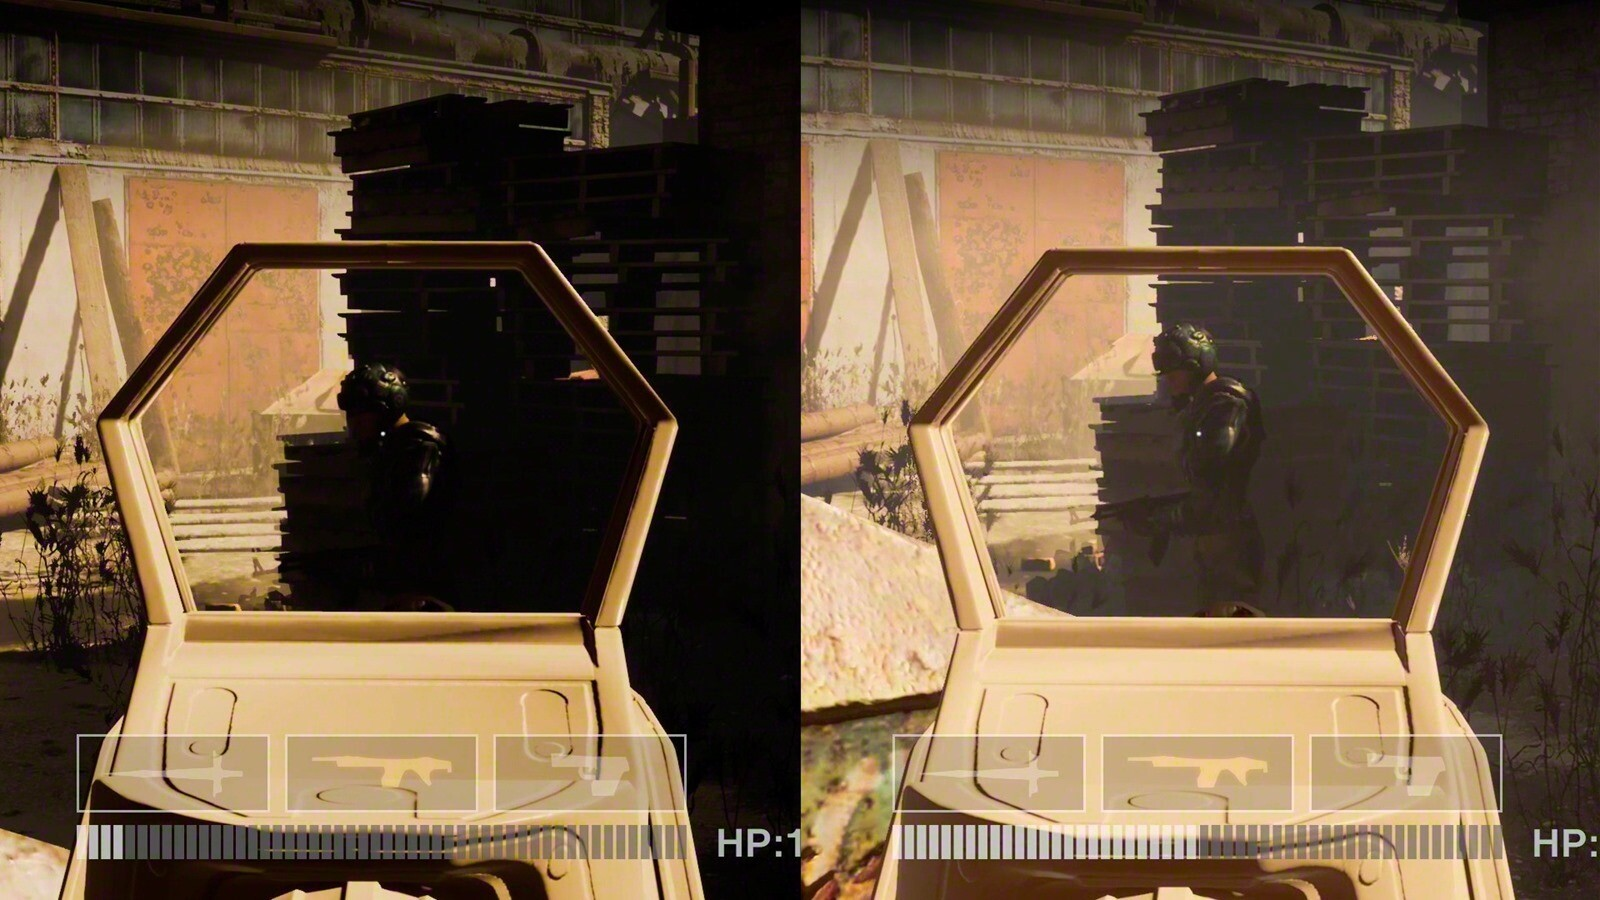 圖說三、開啟 Xperia-1-III 全新深色背景強化功能,使玩家更容易發現隱藏在暗處的敵人,搶先出手先發制人!_thumb.jpg @3C 達人廖阿輝